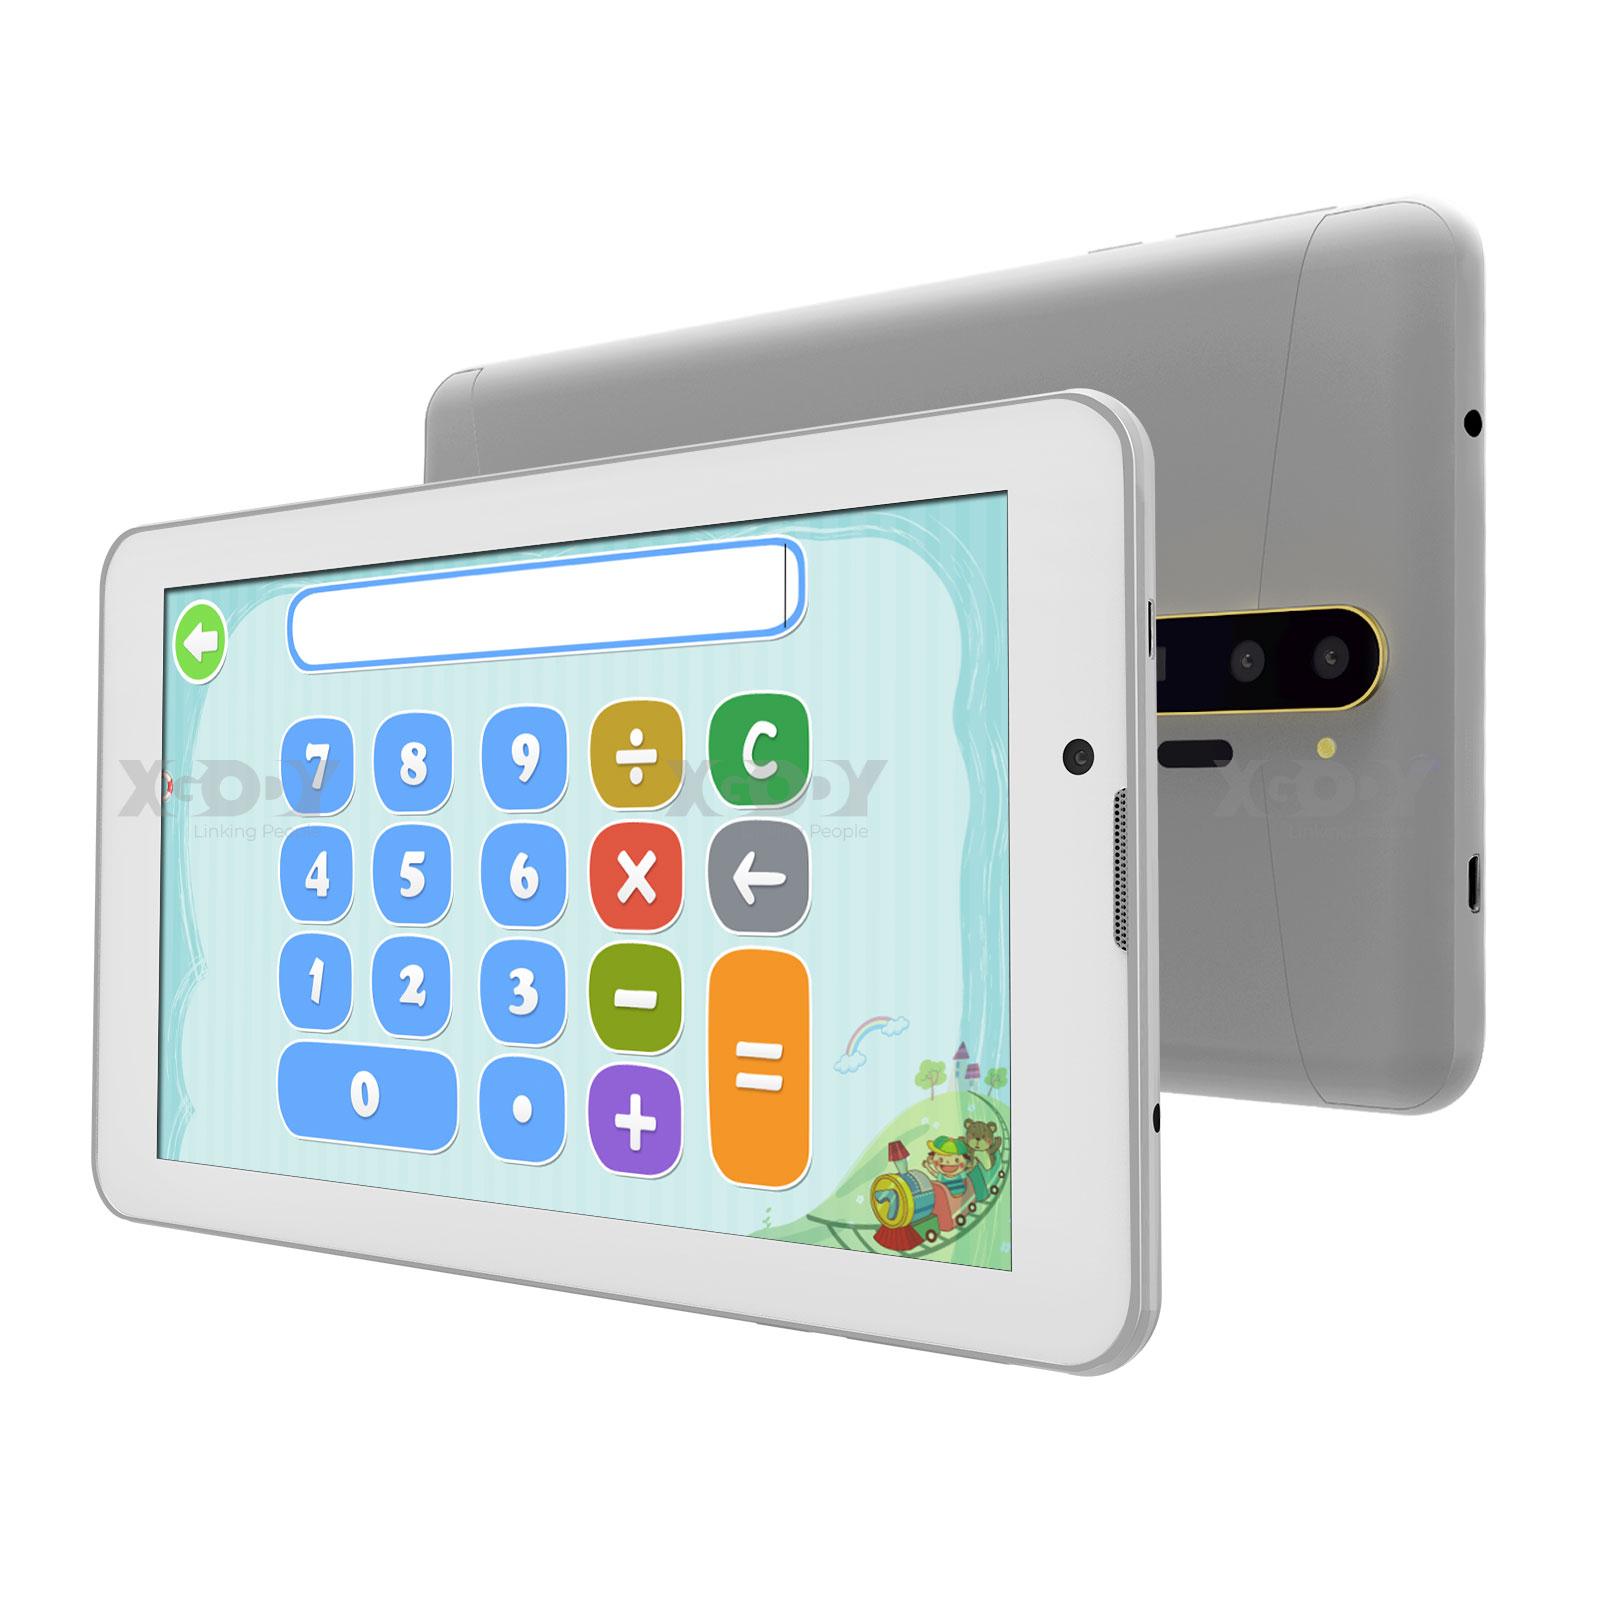 XGODY Android 7.0 Quad-core 16GB/32GB Dual SIM WiFi+3G Phone